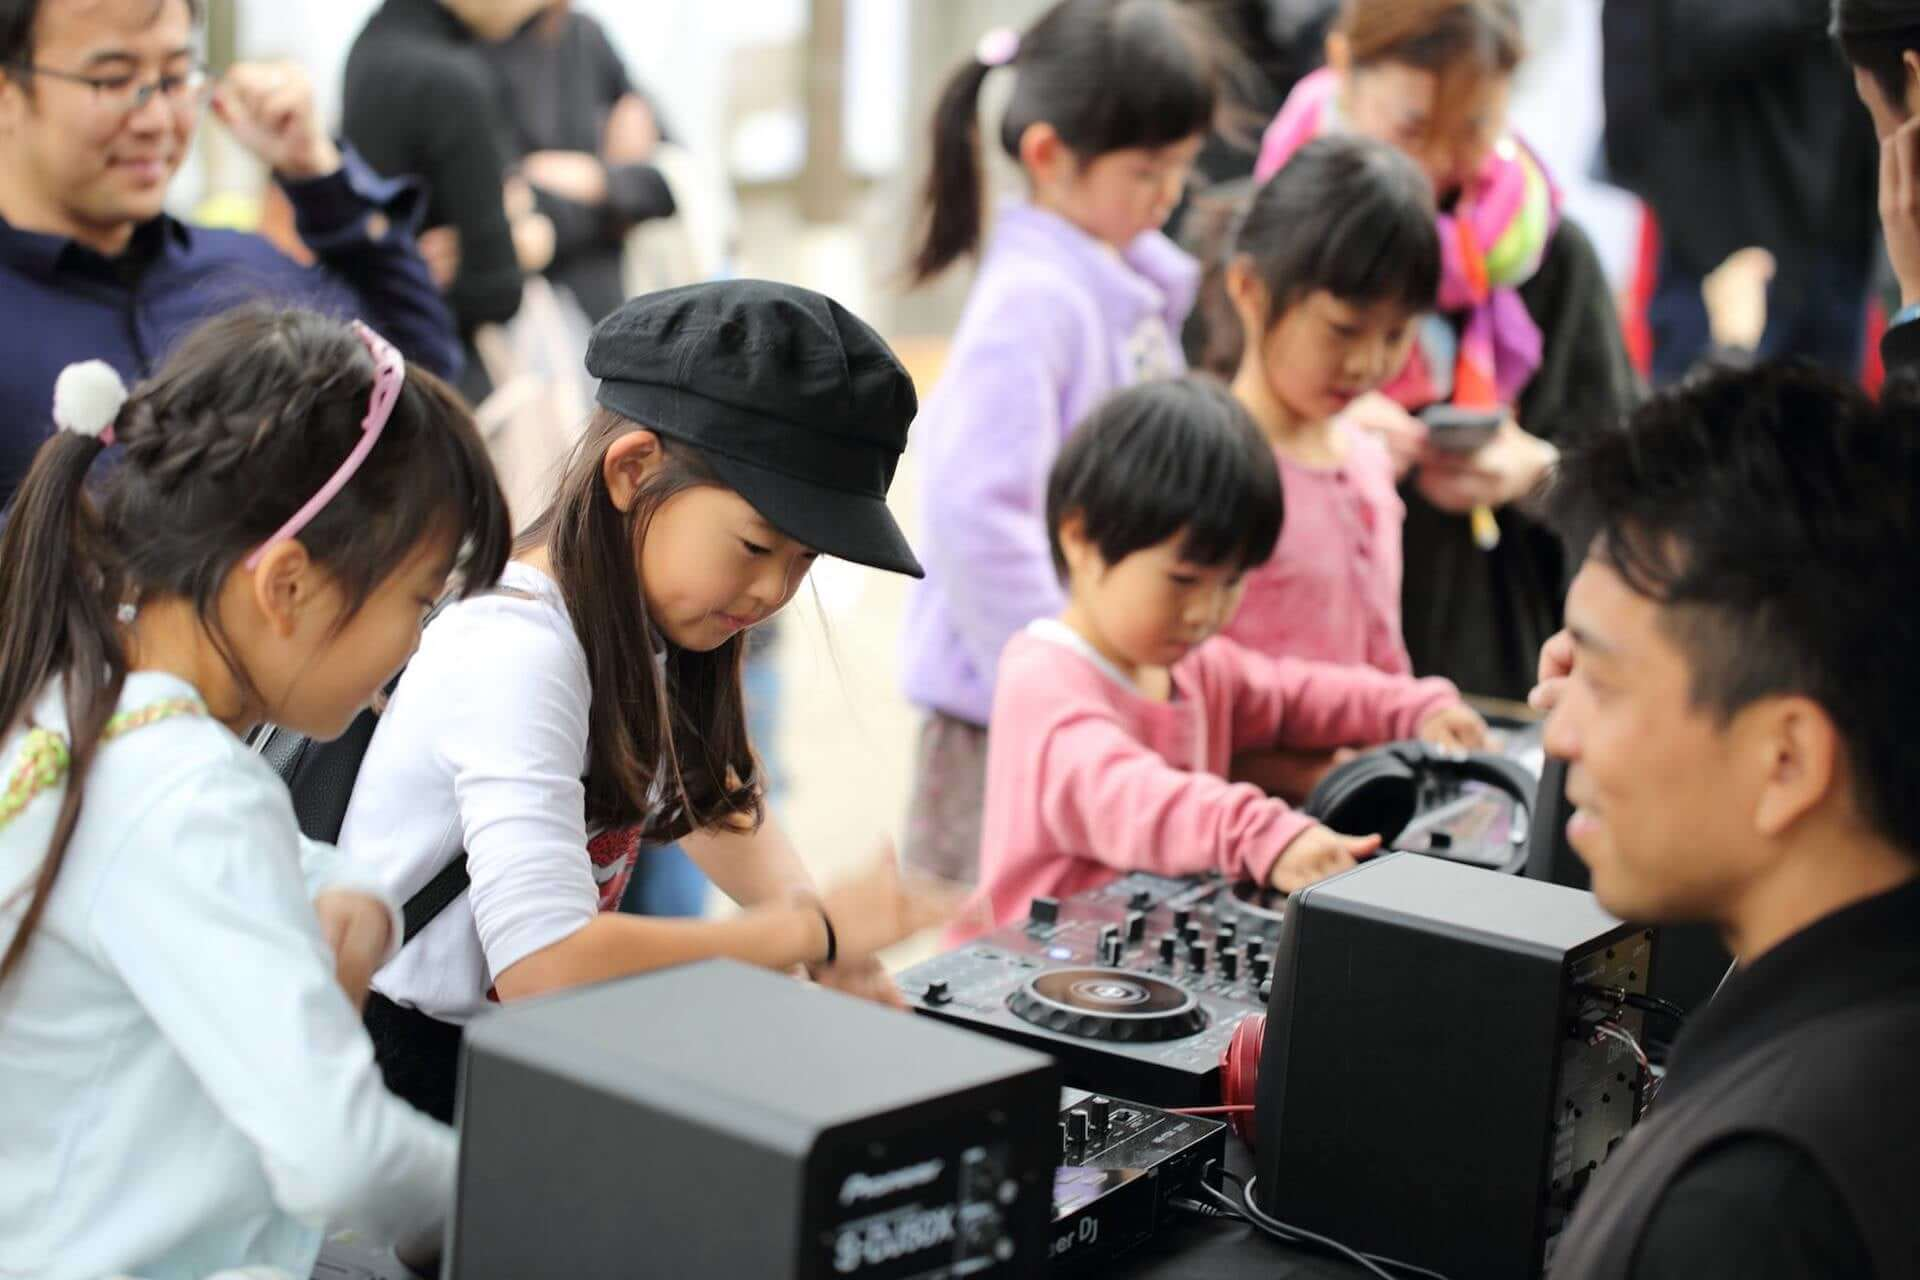 ルイー・ベガとケニー・ドープによる<MASTERS AT WORK in JAPAN>最終ラインナップが発表|okadadaやDazzle Drums、Mayurashkaらが登場 music191023_maw_4-1920x1280